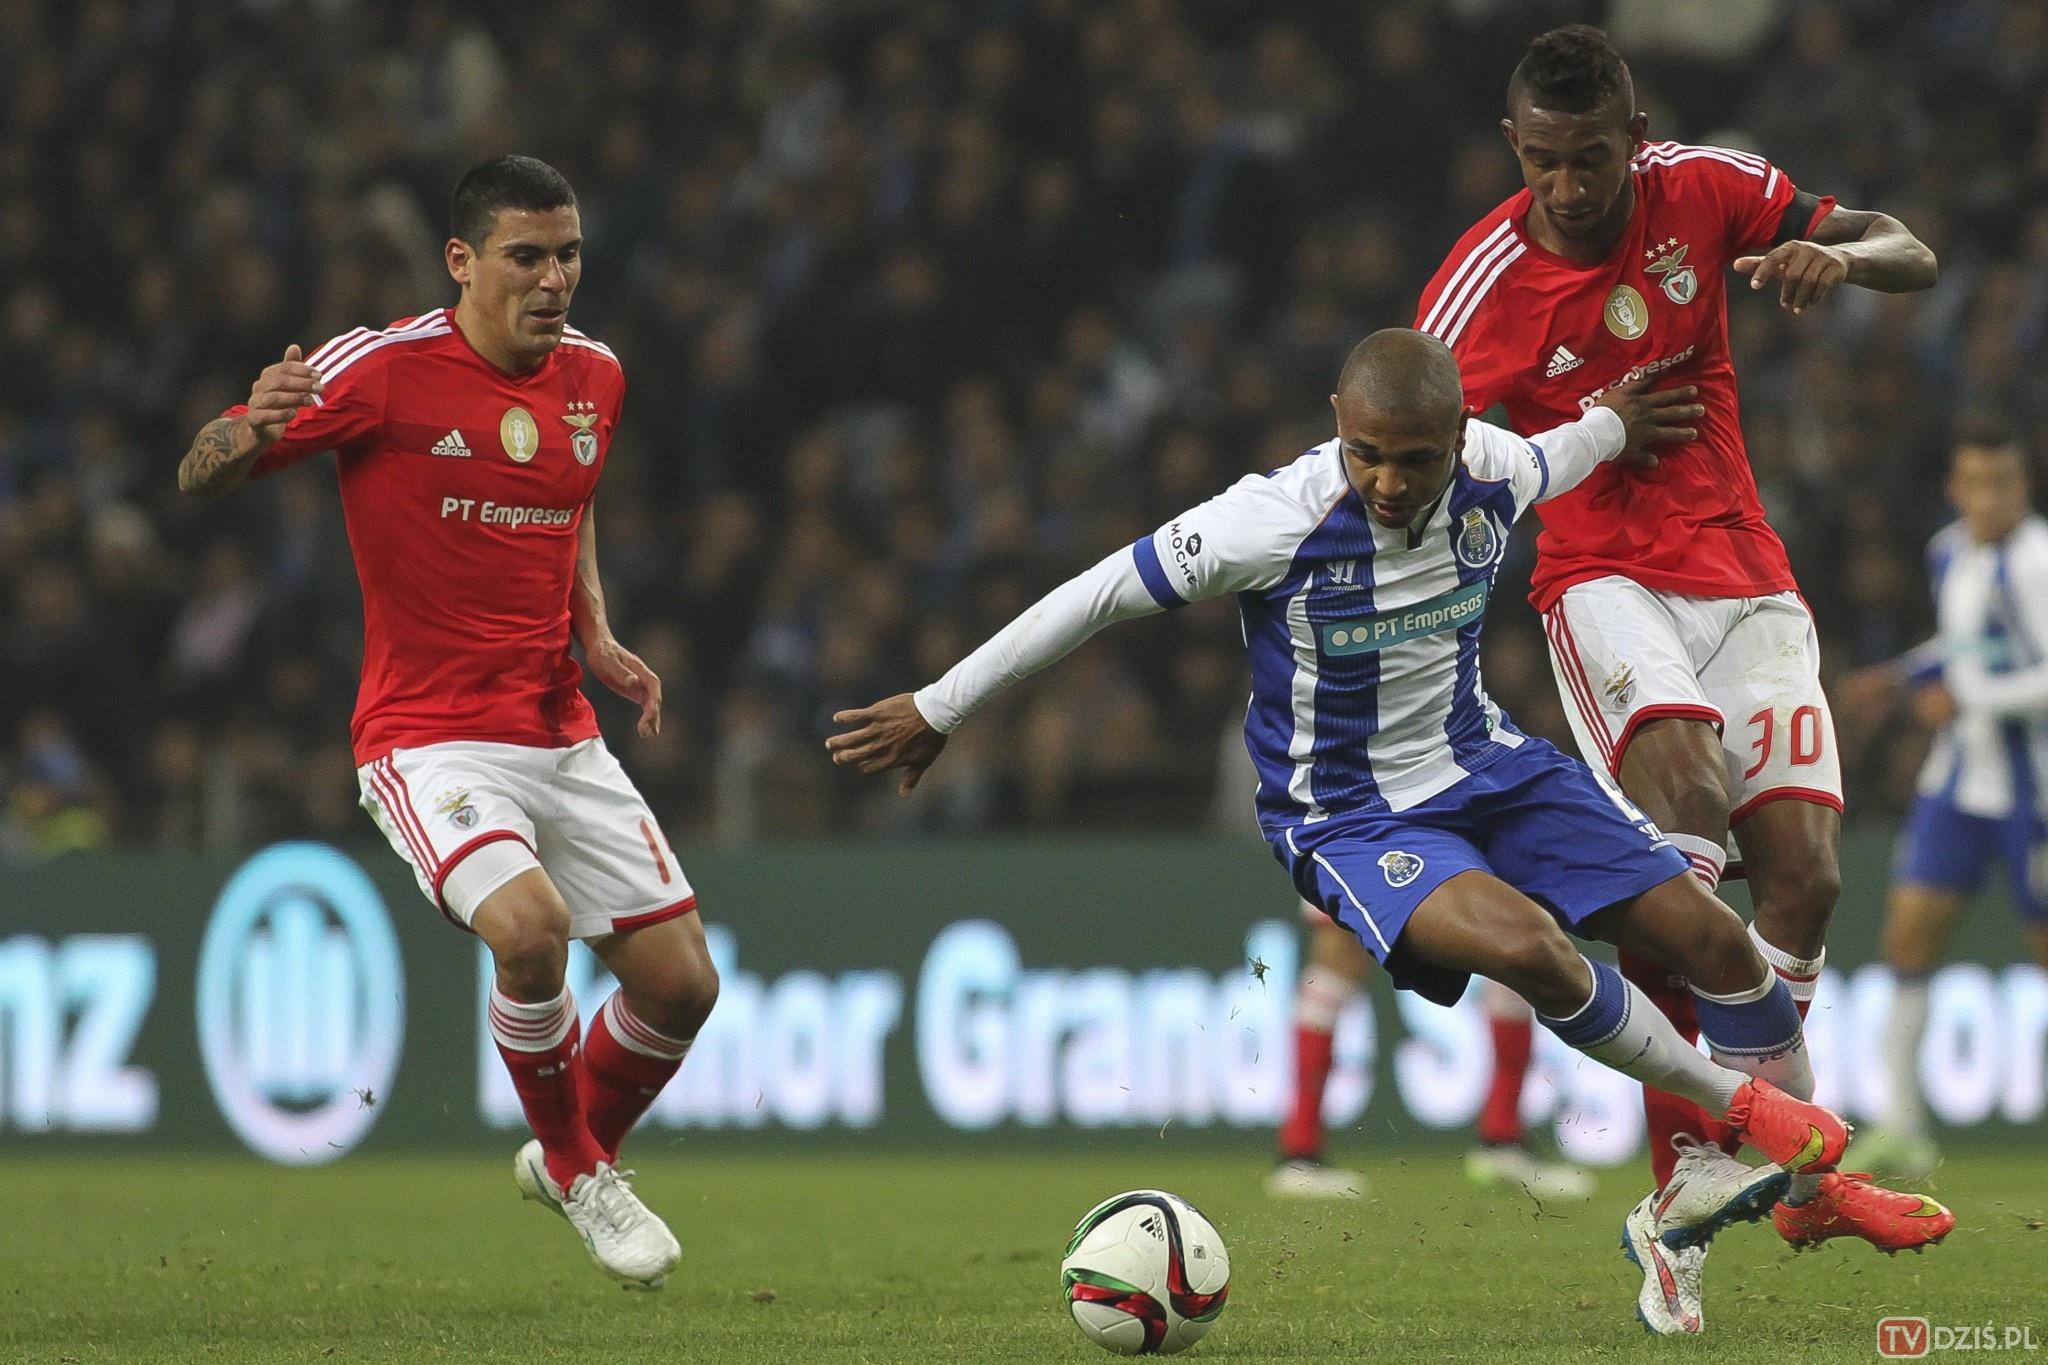 Benfica ou Porto, le choix d'une vie